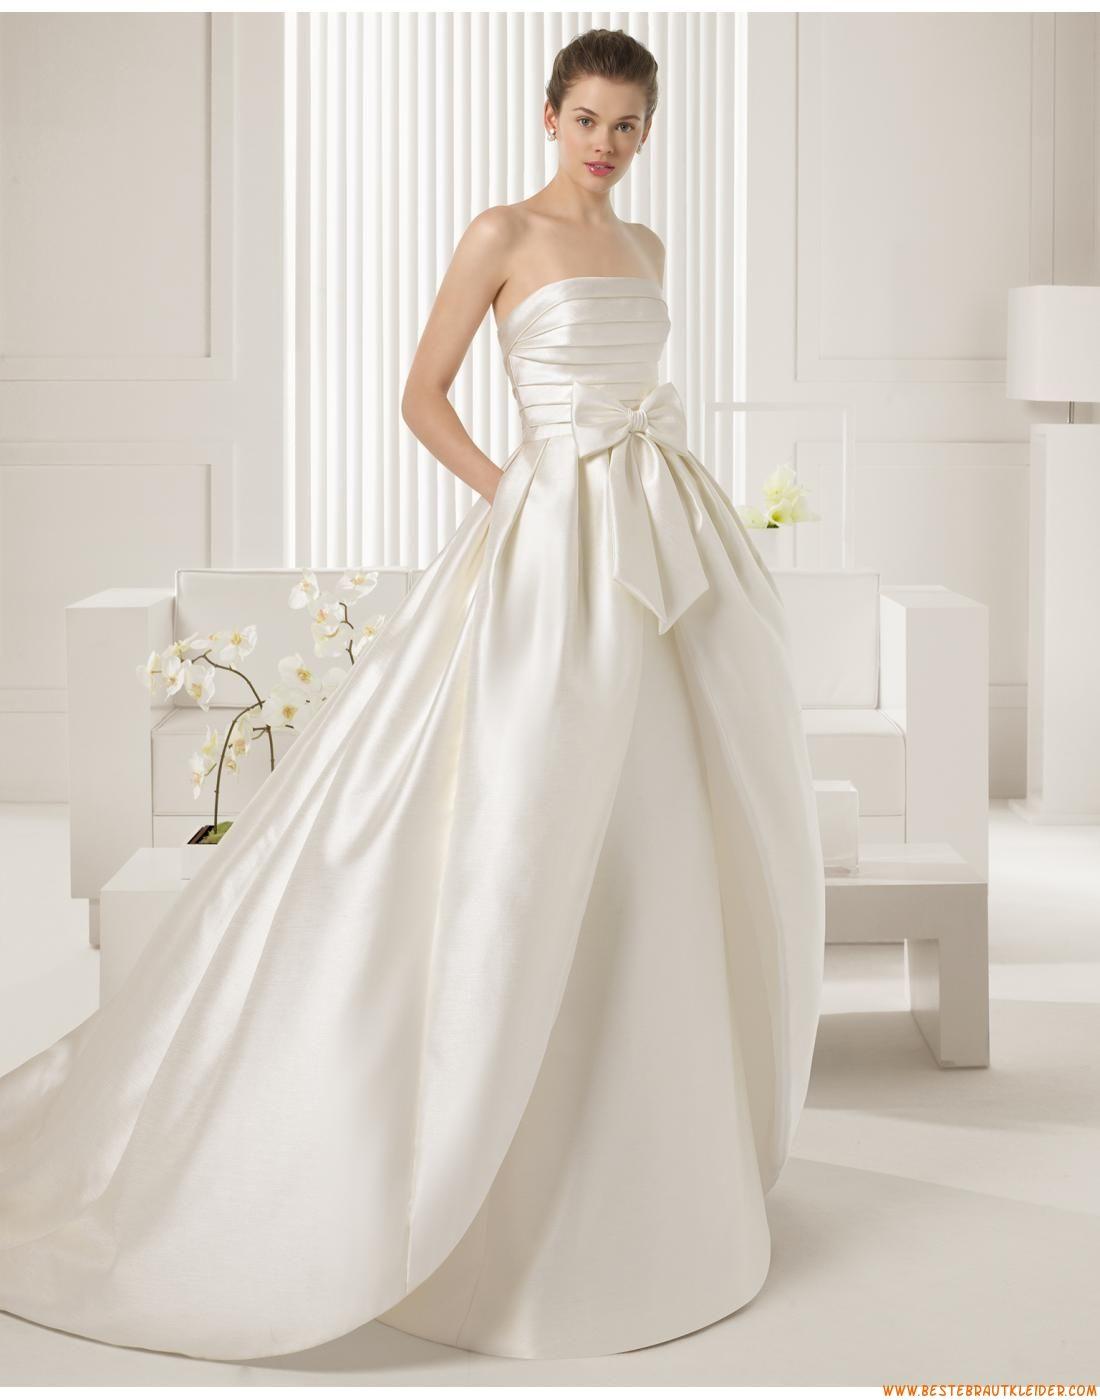 Besondere Ausgefallene Schlichte Brautkleider aus Taft mit